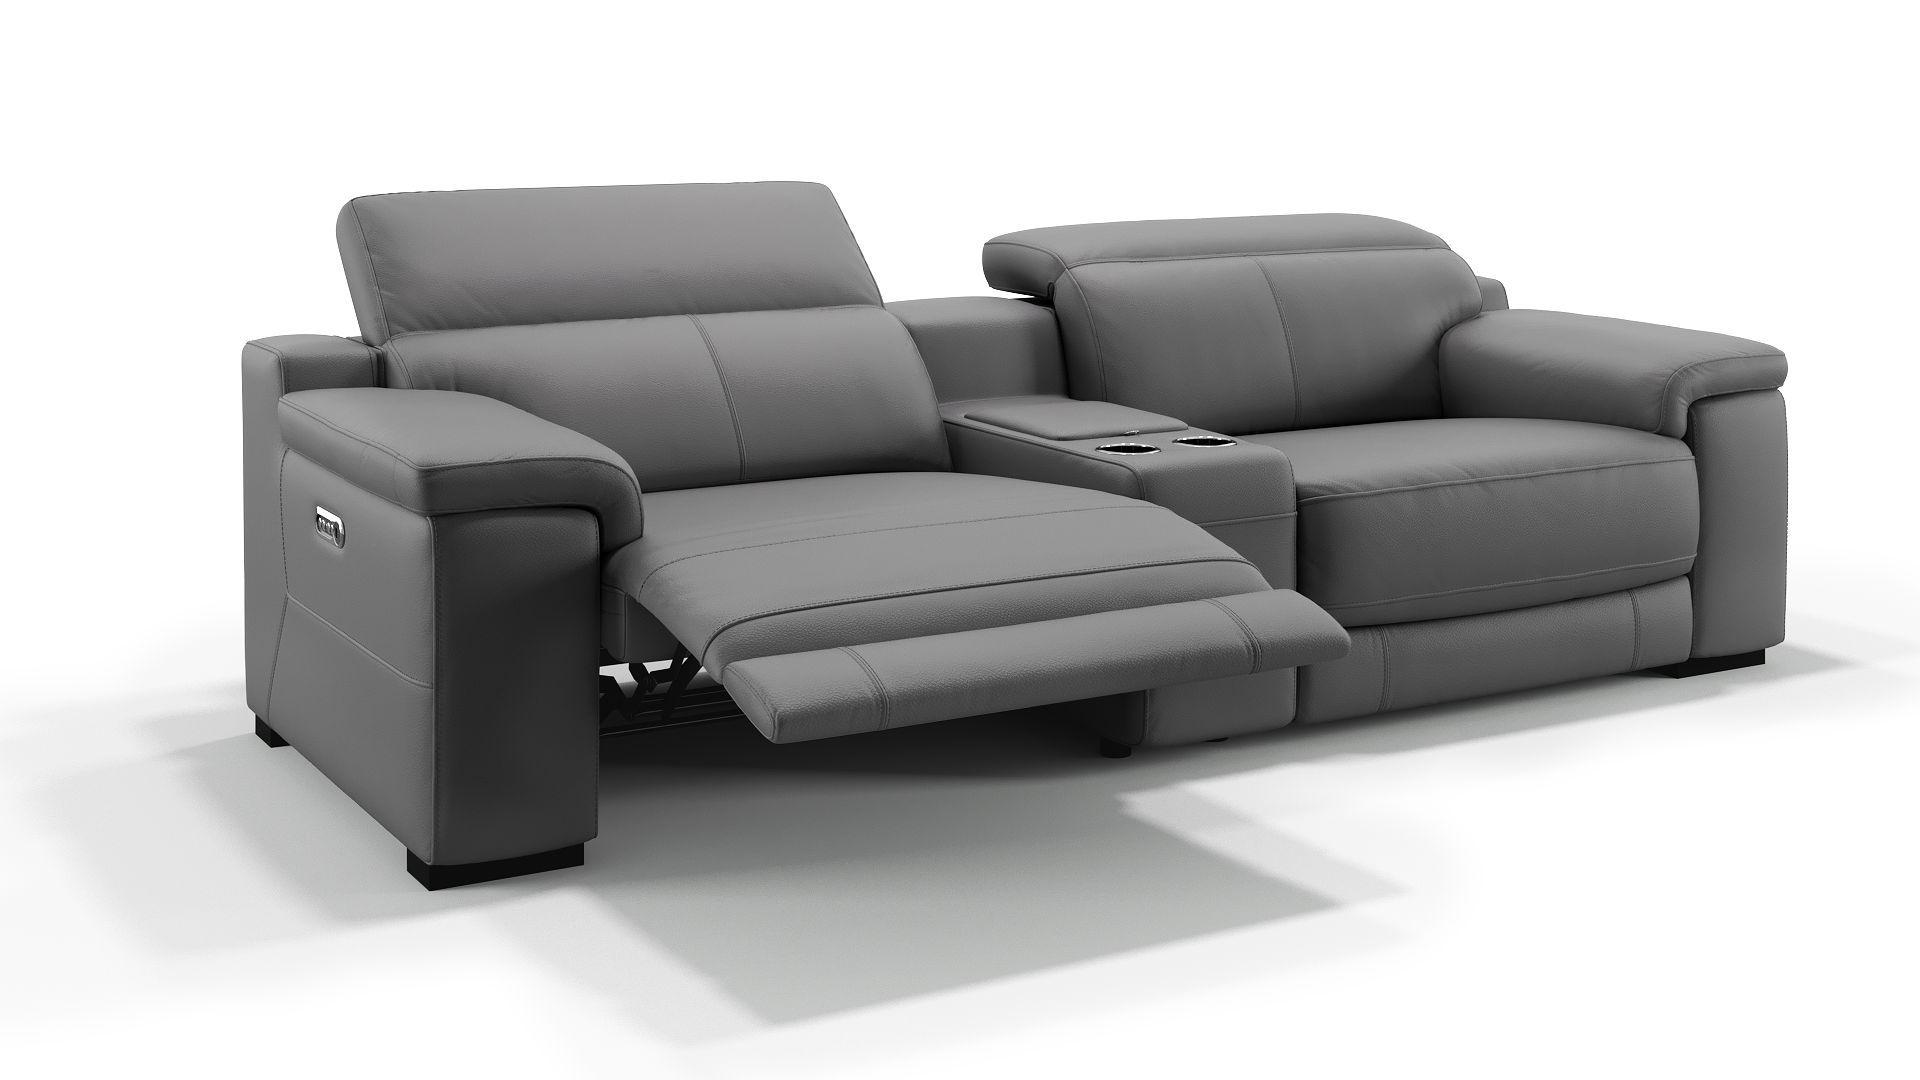 Full Size of Sofa Mit Relaxfunktion Elektrisch Couch Verstellbar Leder 3 Sitzer 2 Elektrischer 3er Sitztiefenverstellung Elektrische Zweisitzer 2er 5 Details Per Knopfdruck Sofa Sofa Mit Relaxfunktion Elektrisch